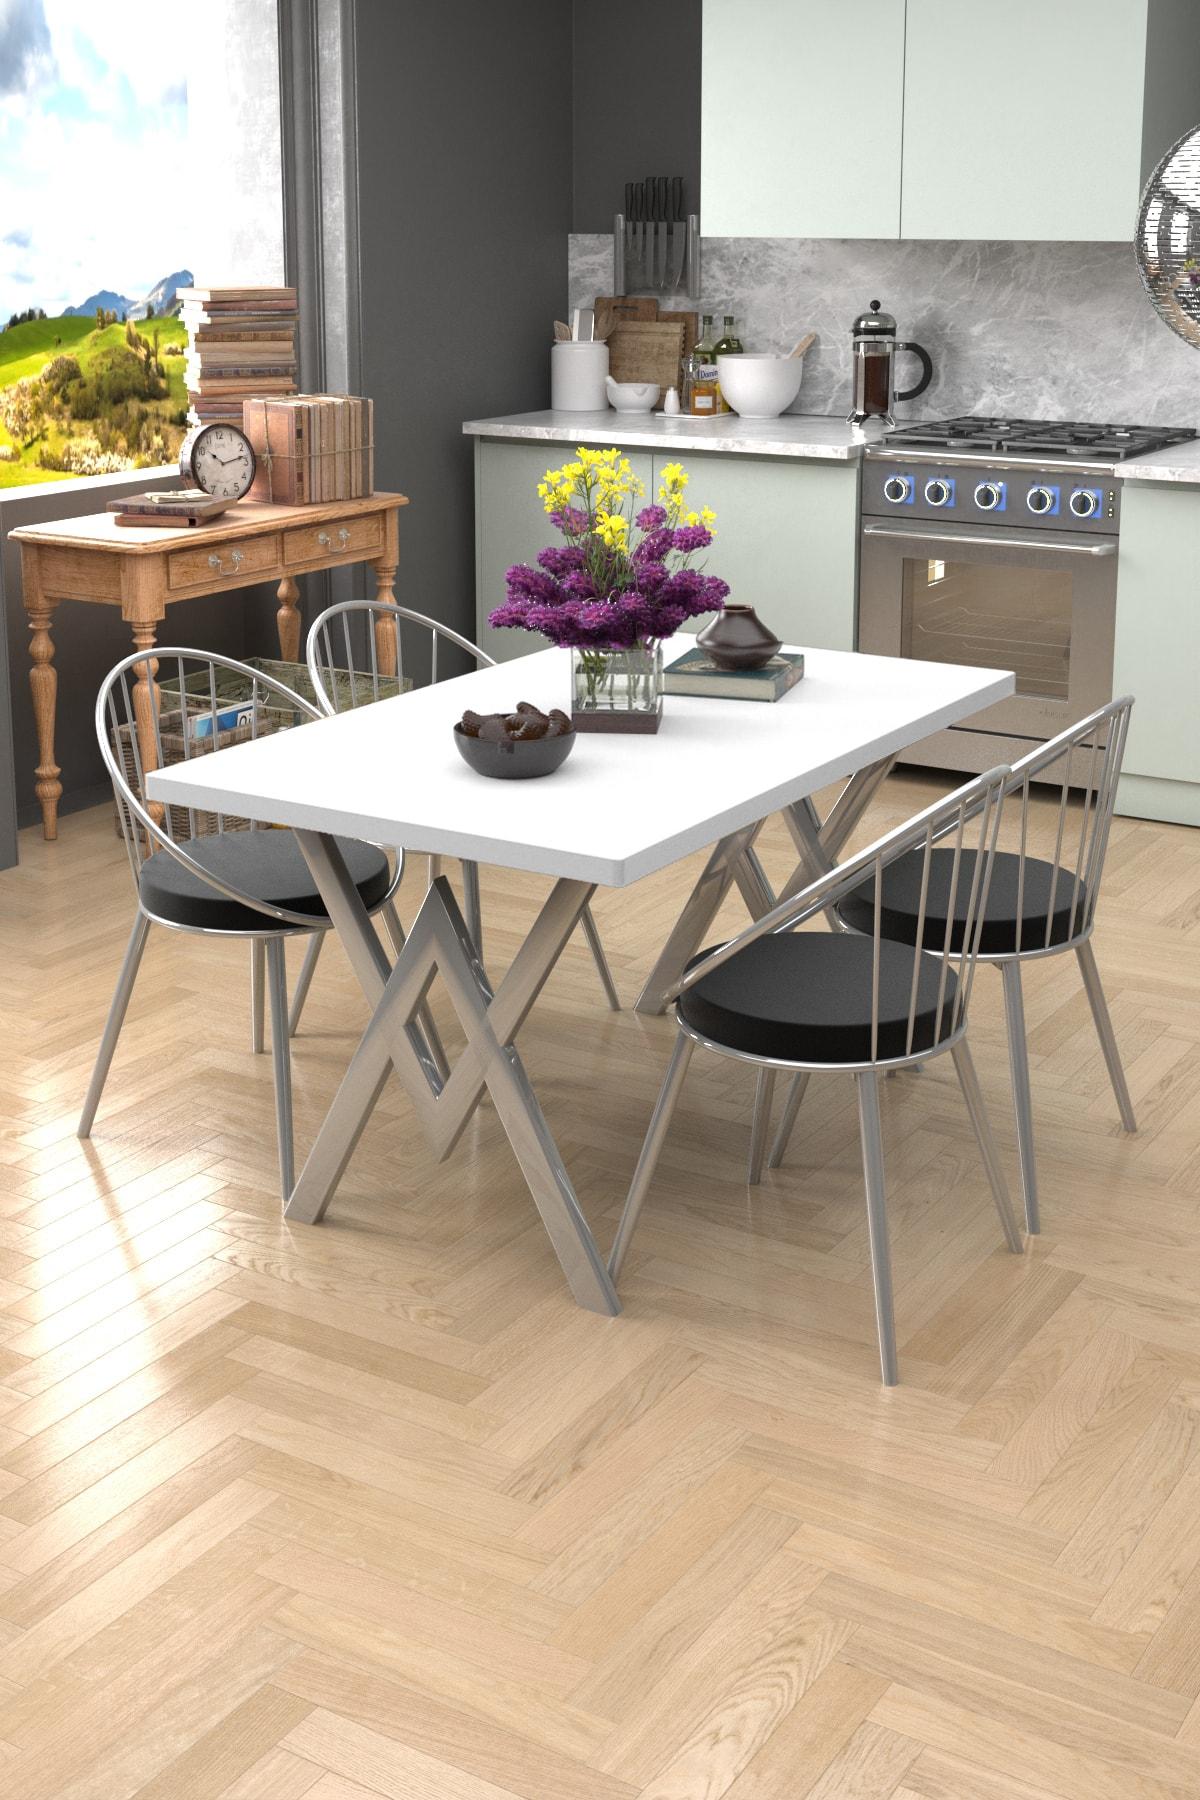 Evdemo Beyaz Siyah Eylül Silver 4 Kişilik Mutfak Masası Takımı 1